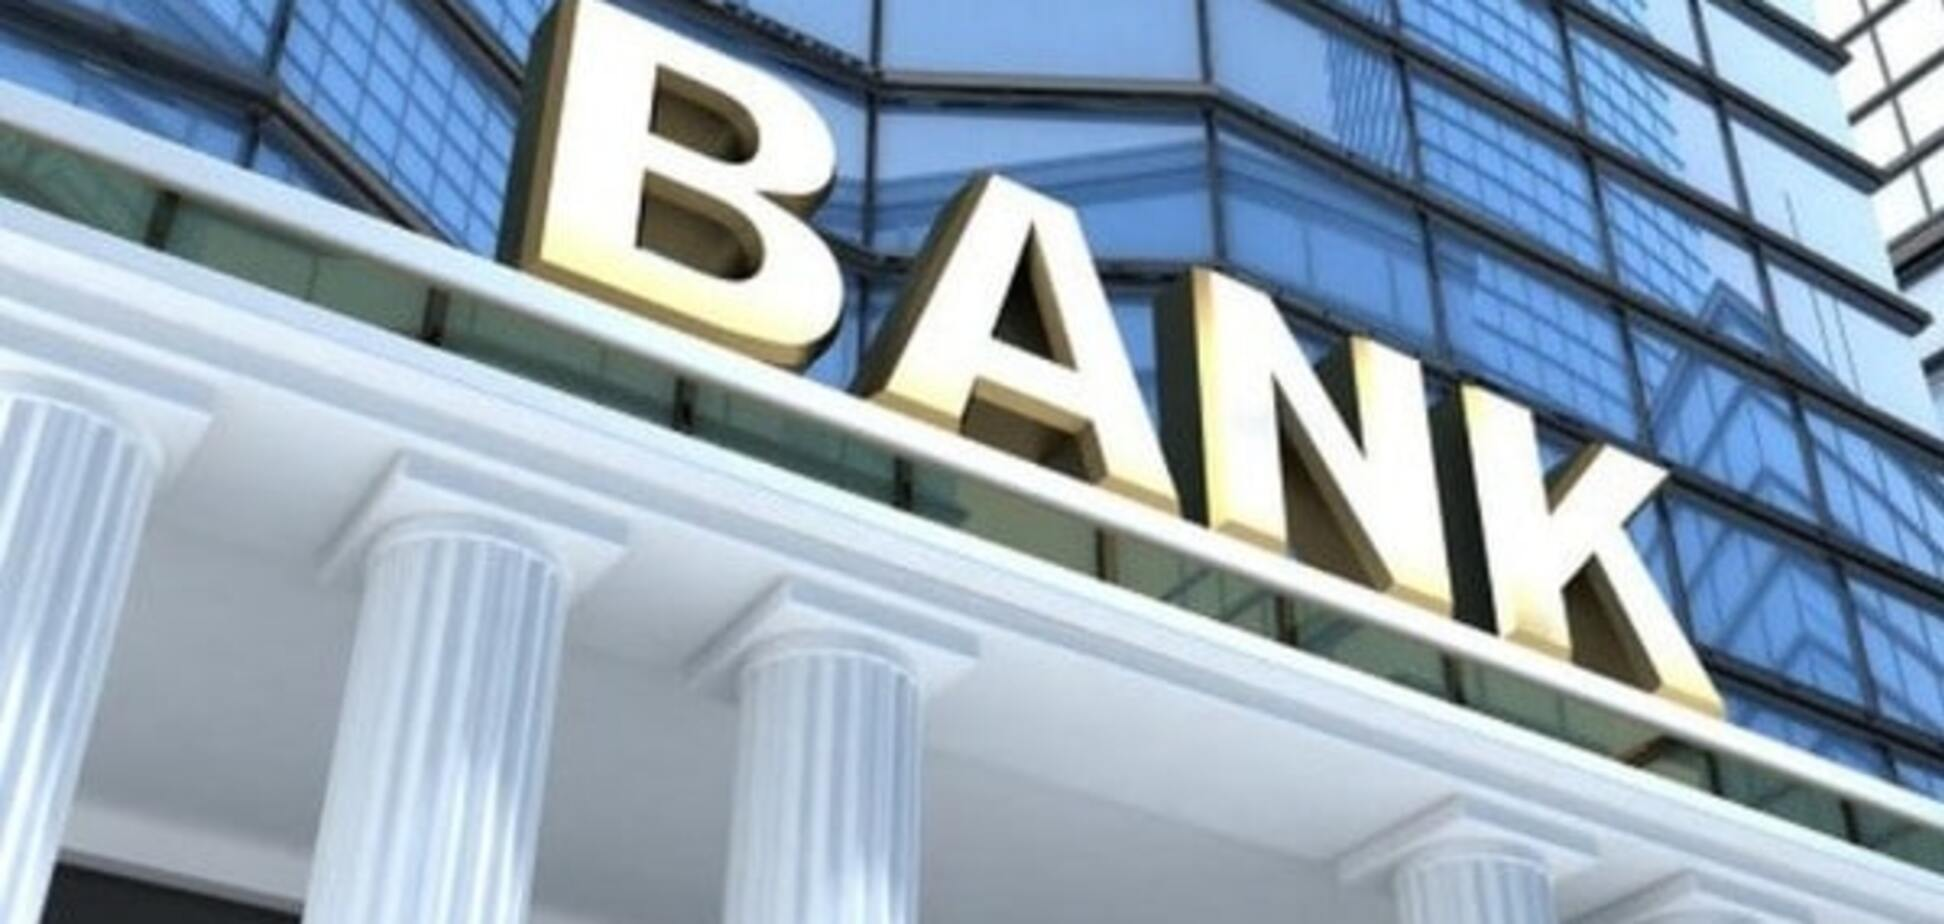 НБУ лишил лицензии банк кандидата в мэры Киева